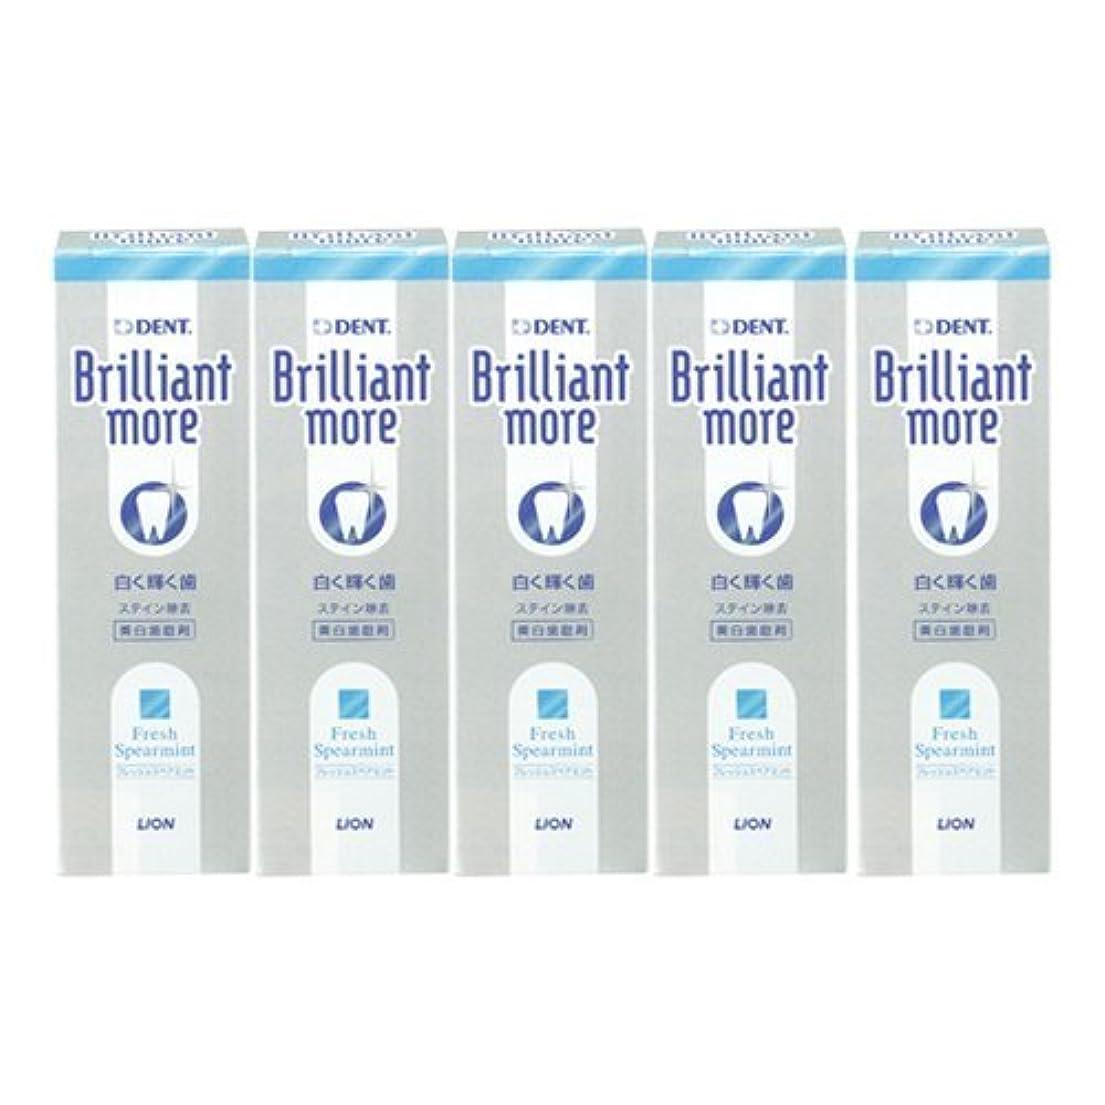 受粉する思いやり常習的ライオン ブリリアントモア フレッシュスペアミント 美白歯磨剤 LION Brilliant more 5本セット